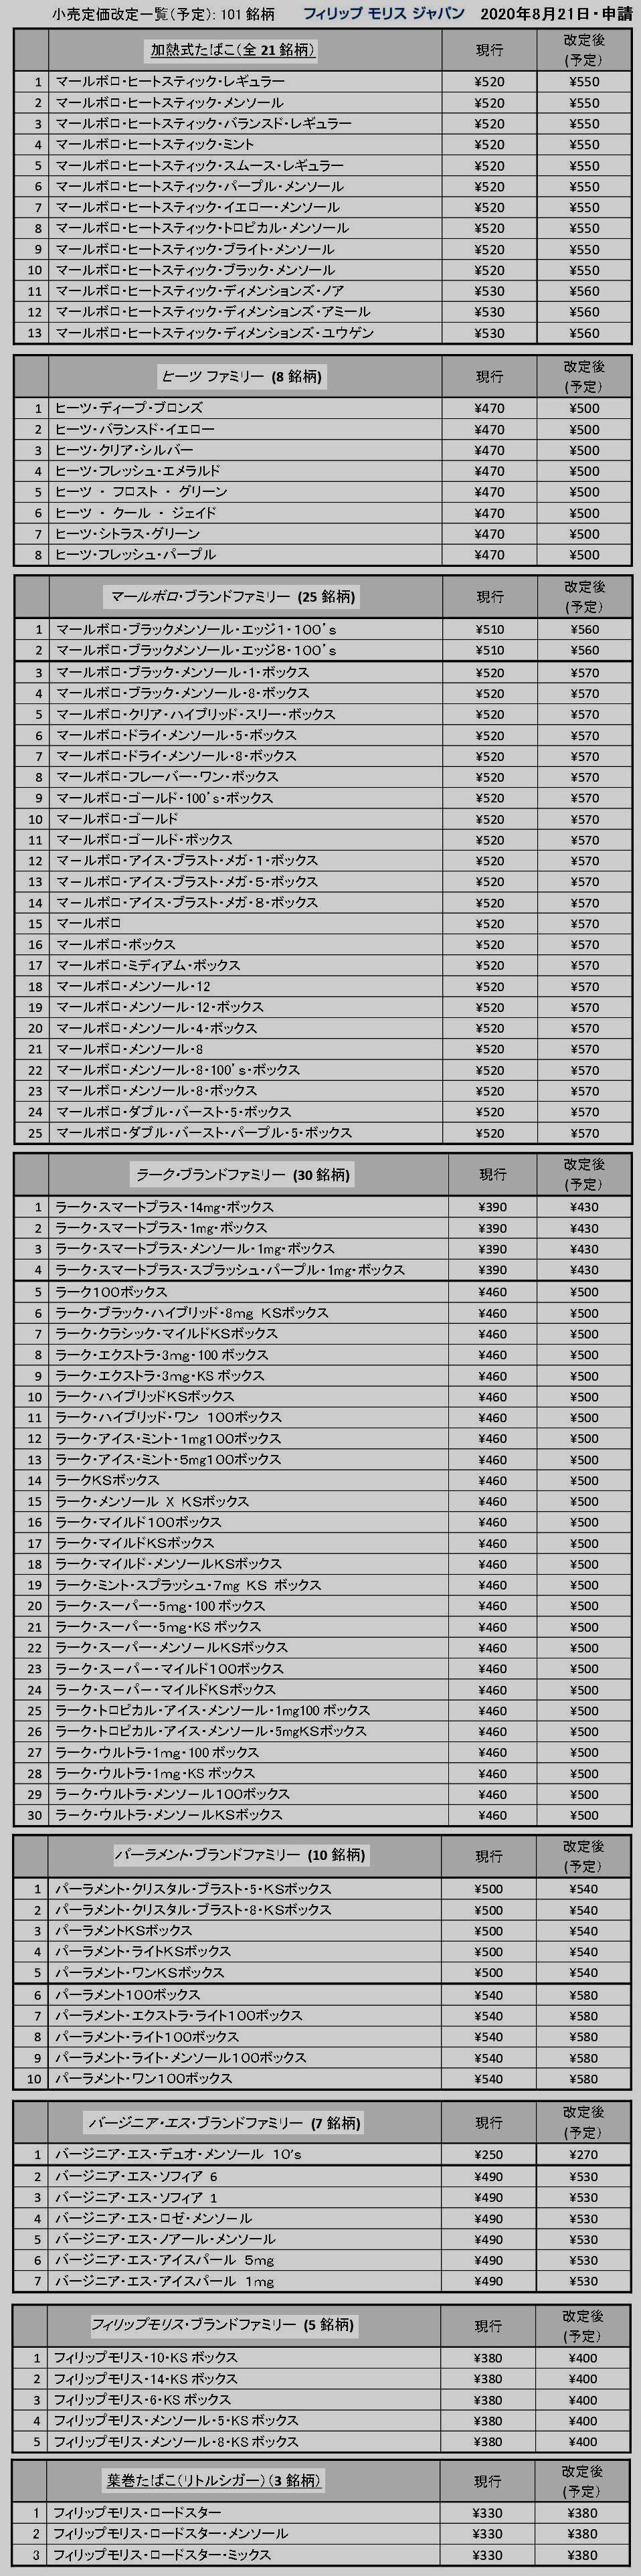 2019 タバコ 値上げ